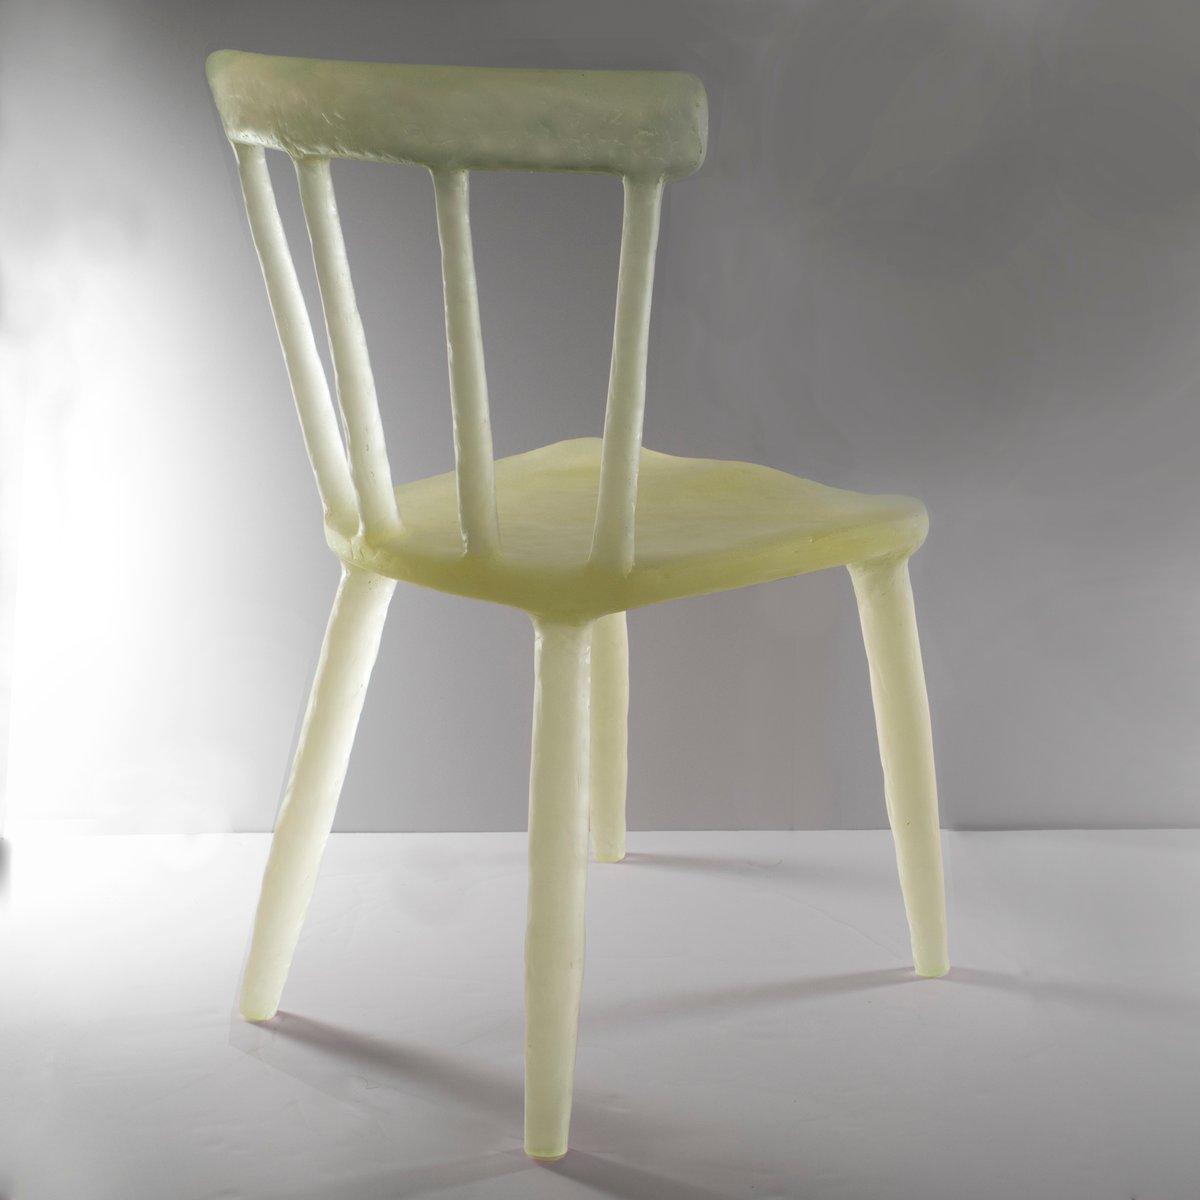 Gelber glow stuhl von kim markel 2017 bei pamono kaufen for Stuhl design 2017